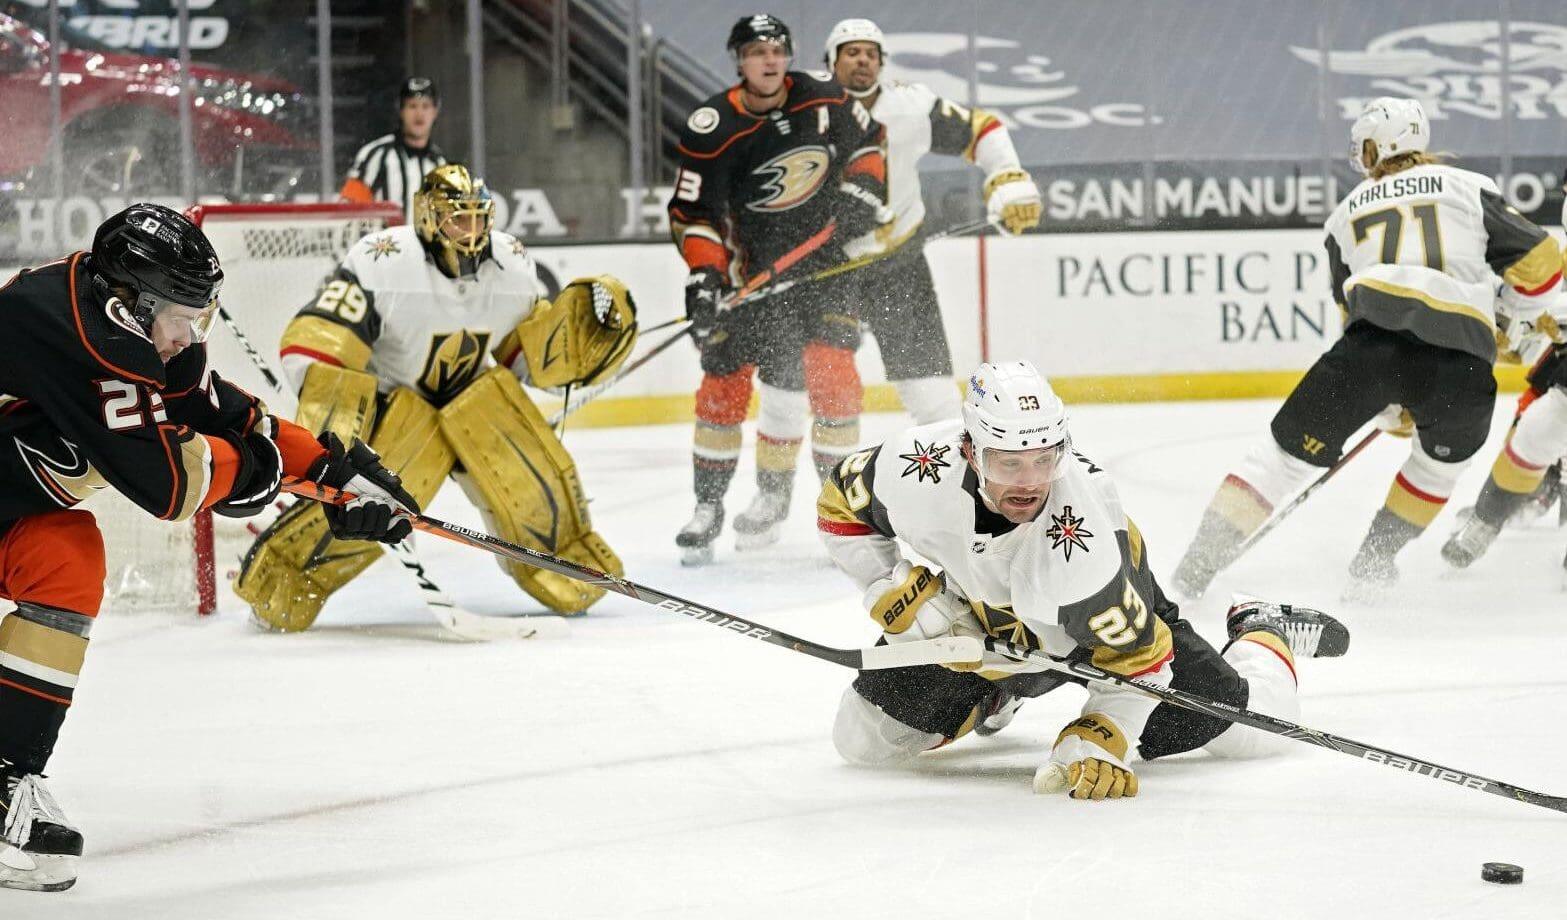 Golden Knights vs Ducks